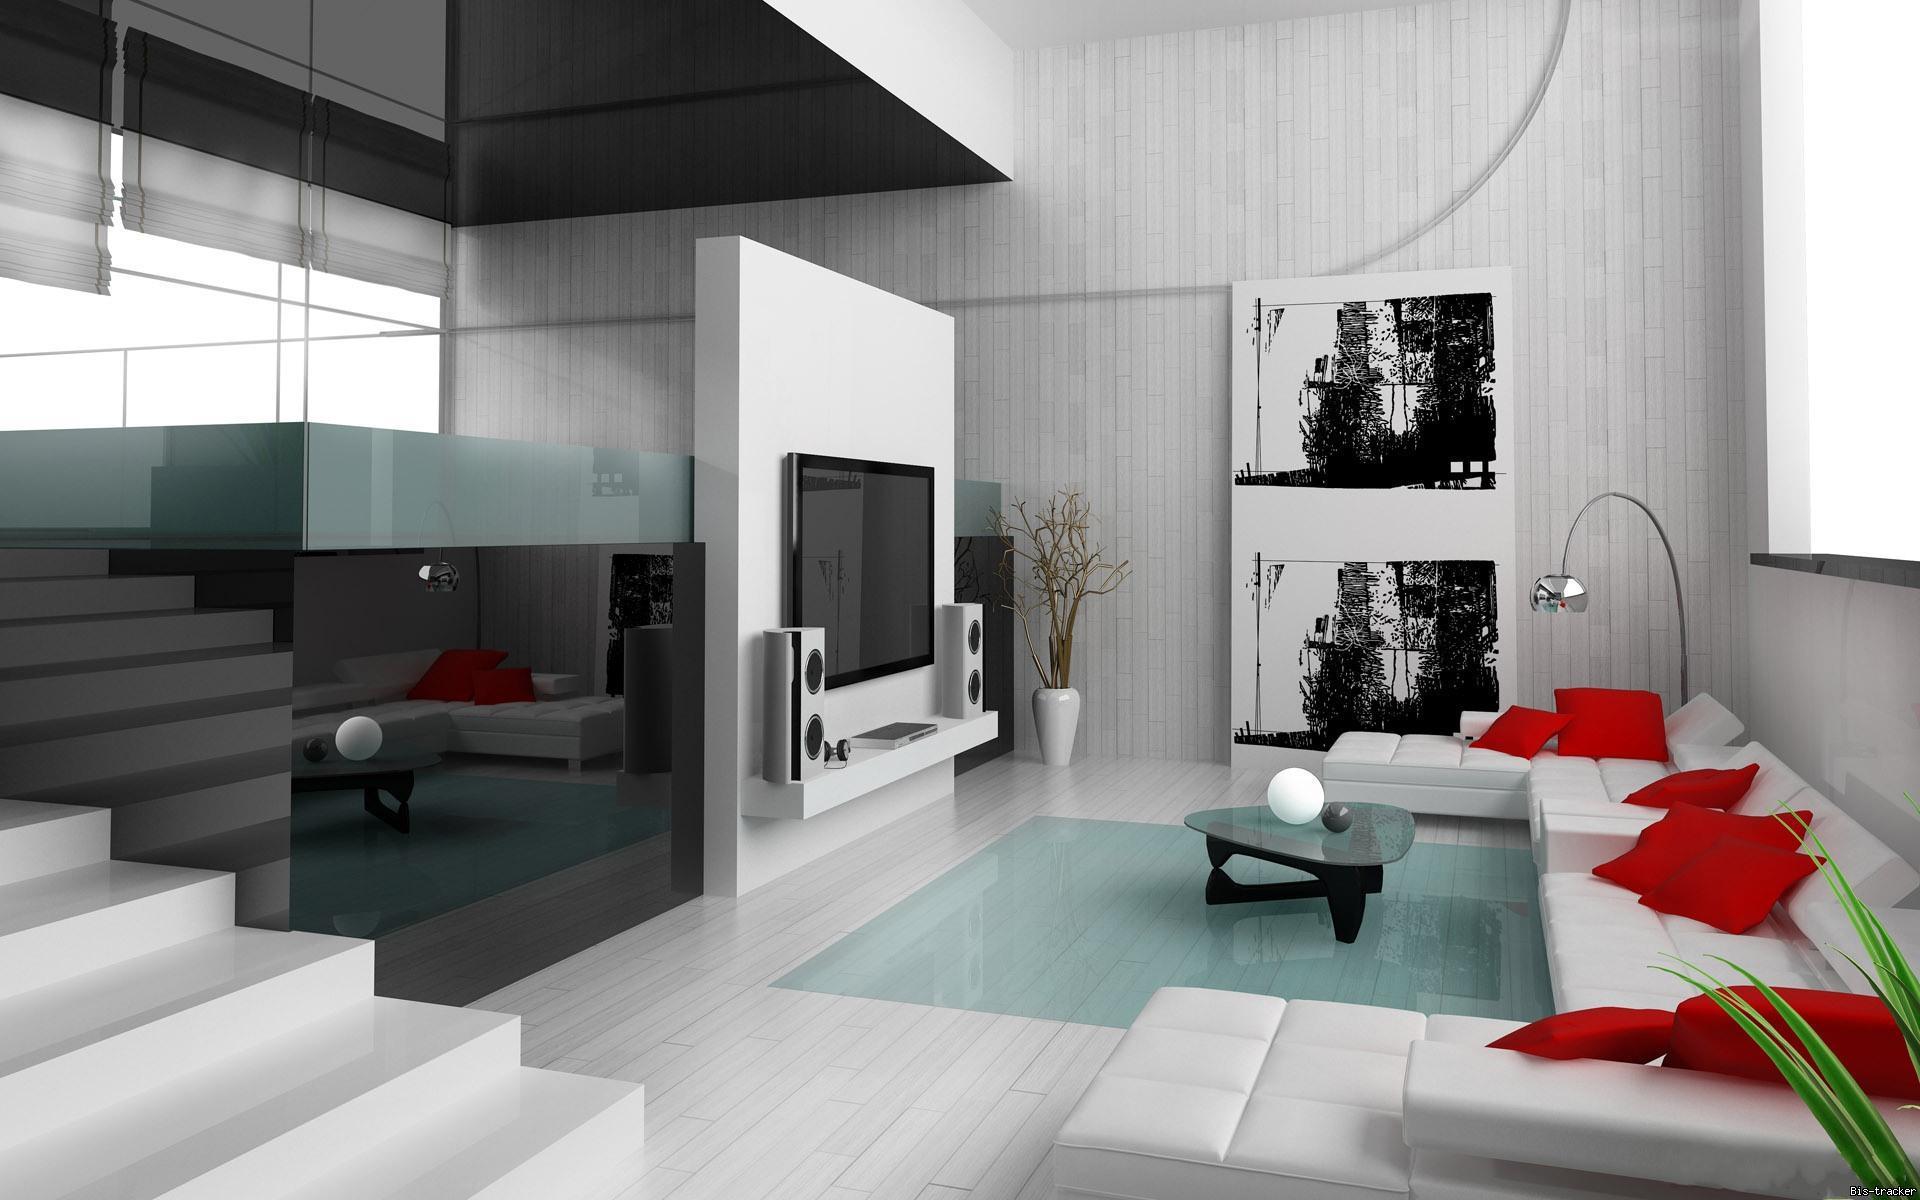 Как создаётся интерьер в квартире?